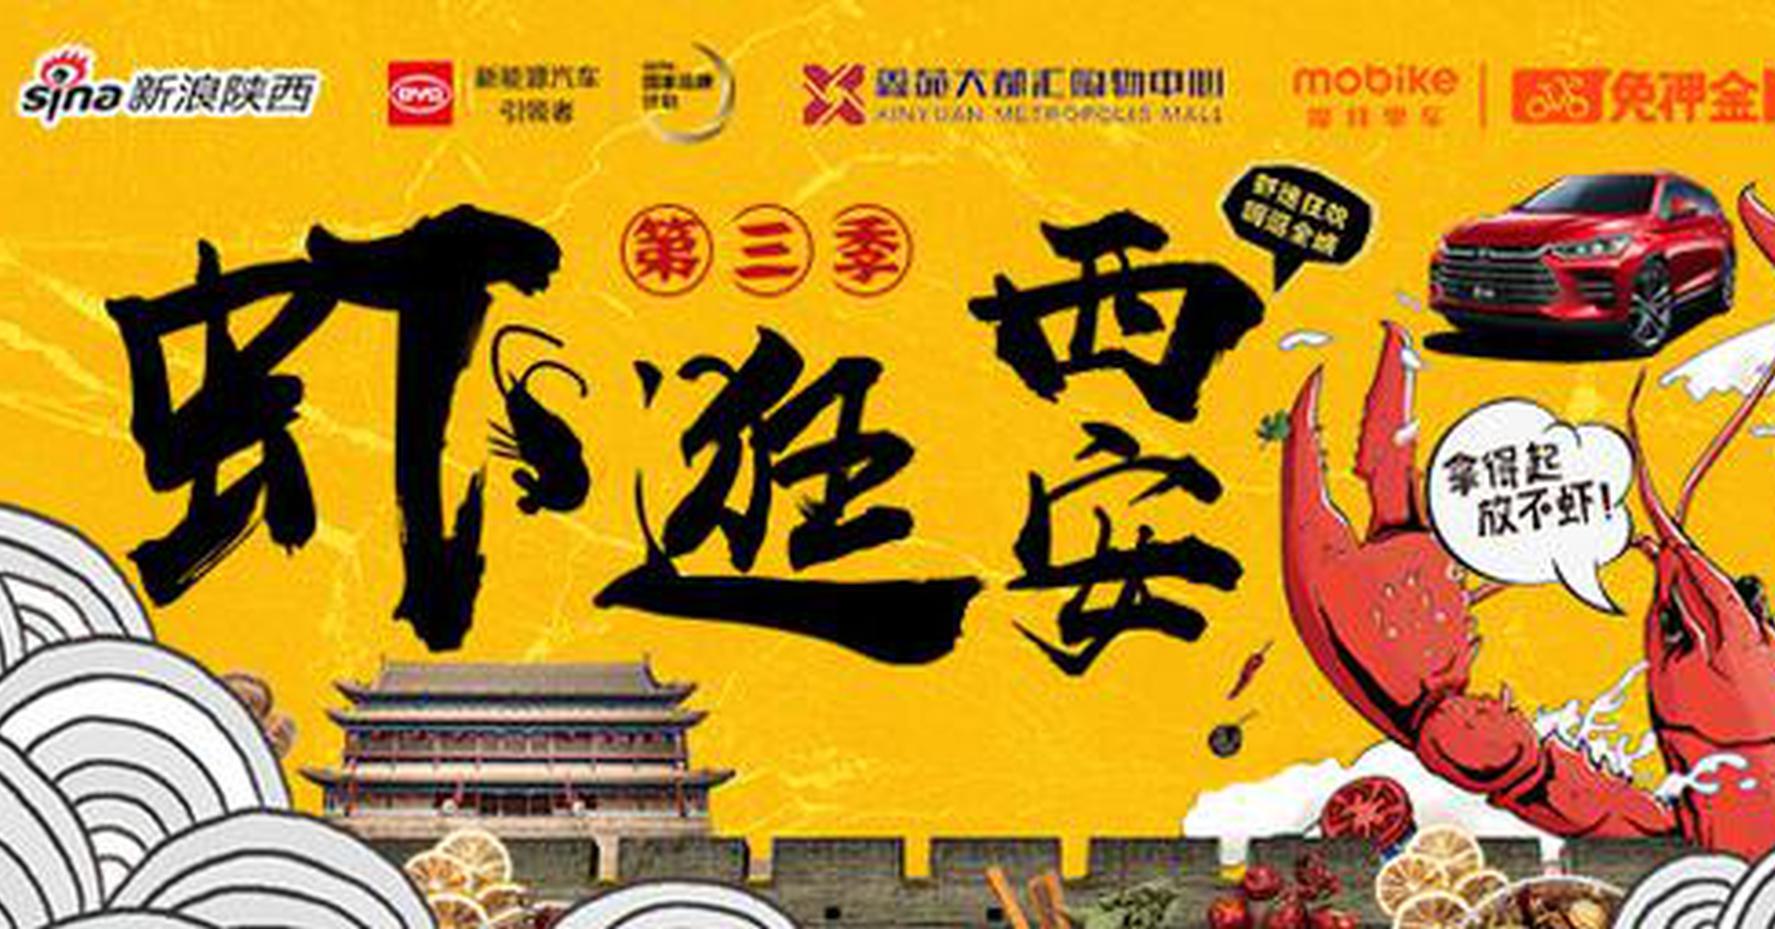 虾逛西安第三季小龙虾节即将开幕